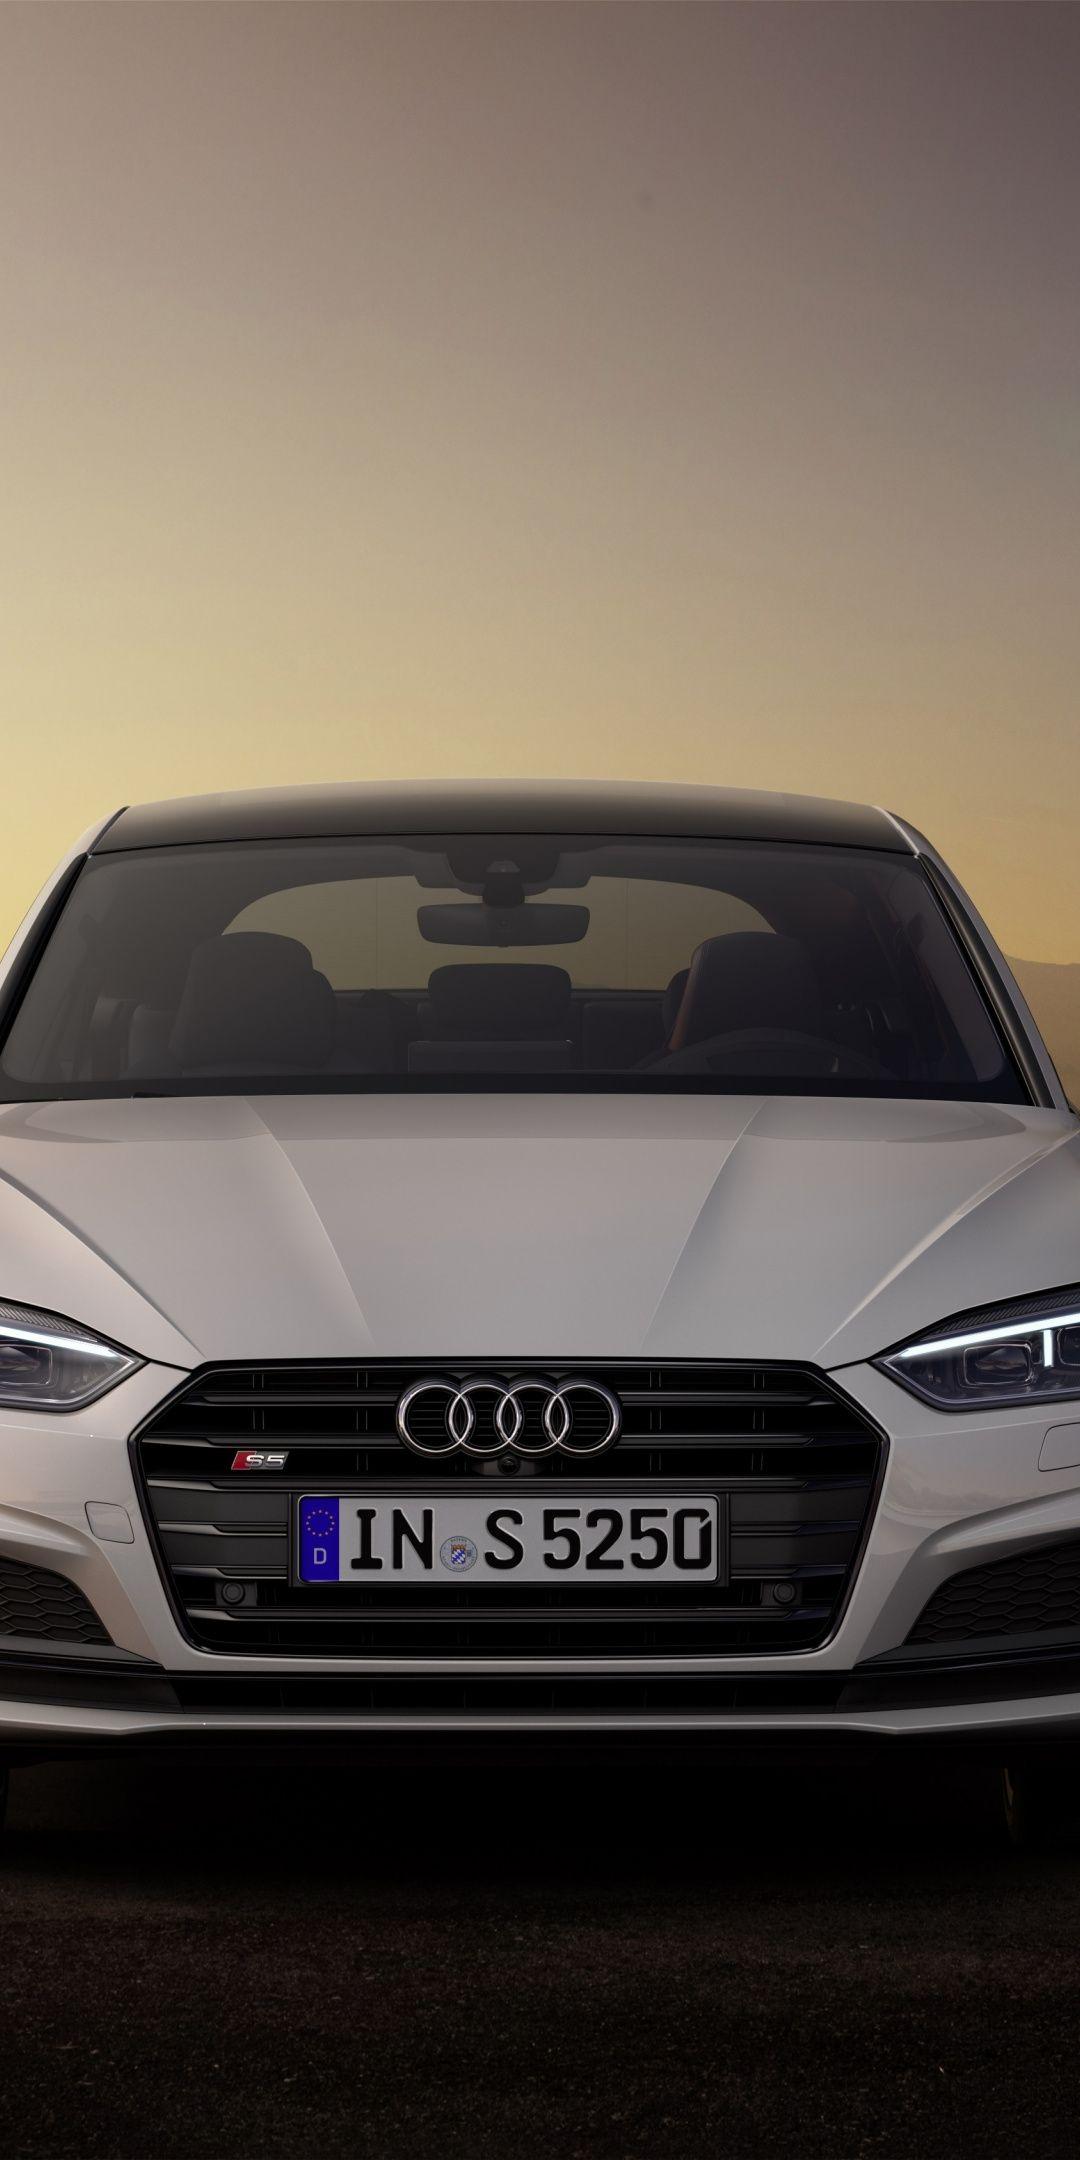 1080x2160 White Audi S5 Luxury Car Wallpaper Carros Auto Motos